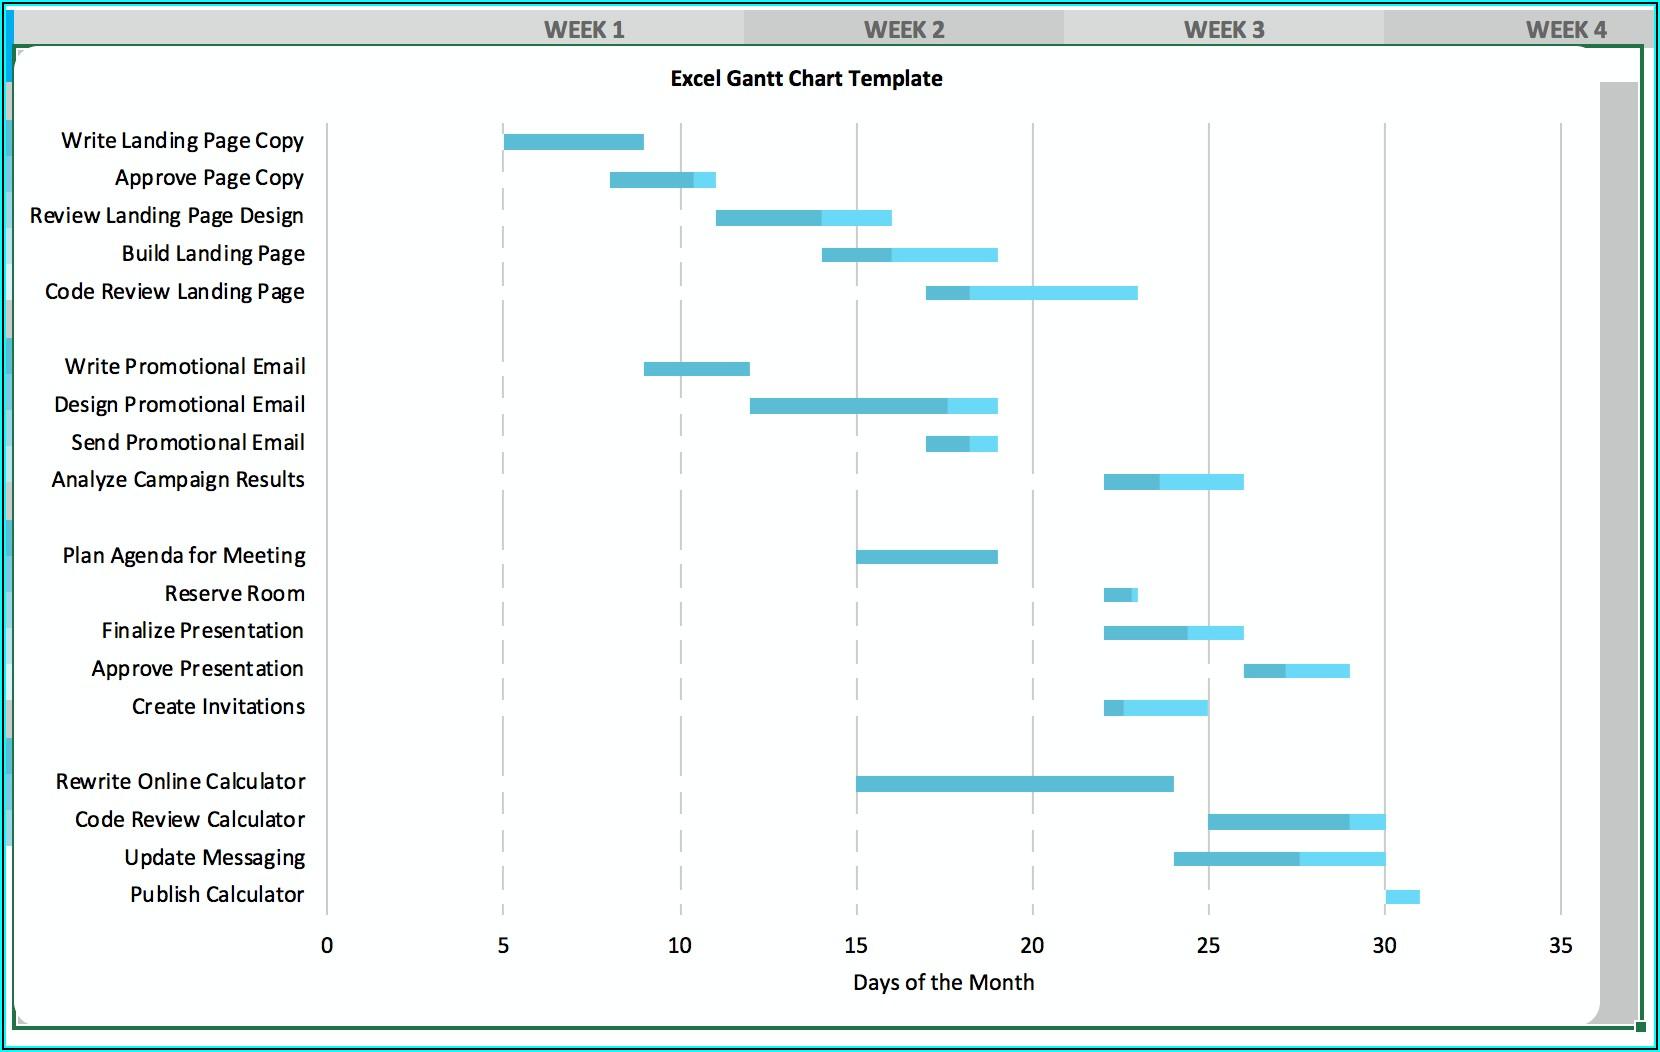 Excel Gantt Chart Template Microsoft